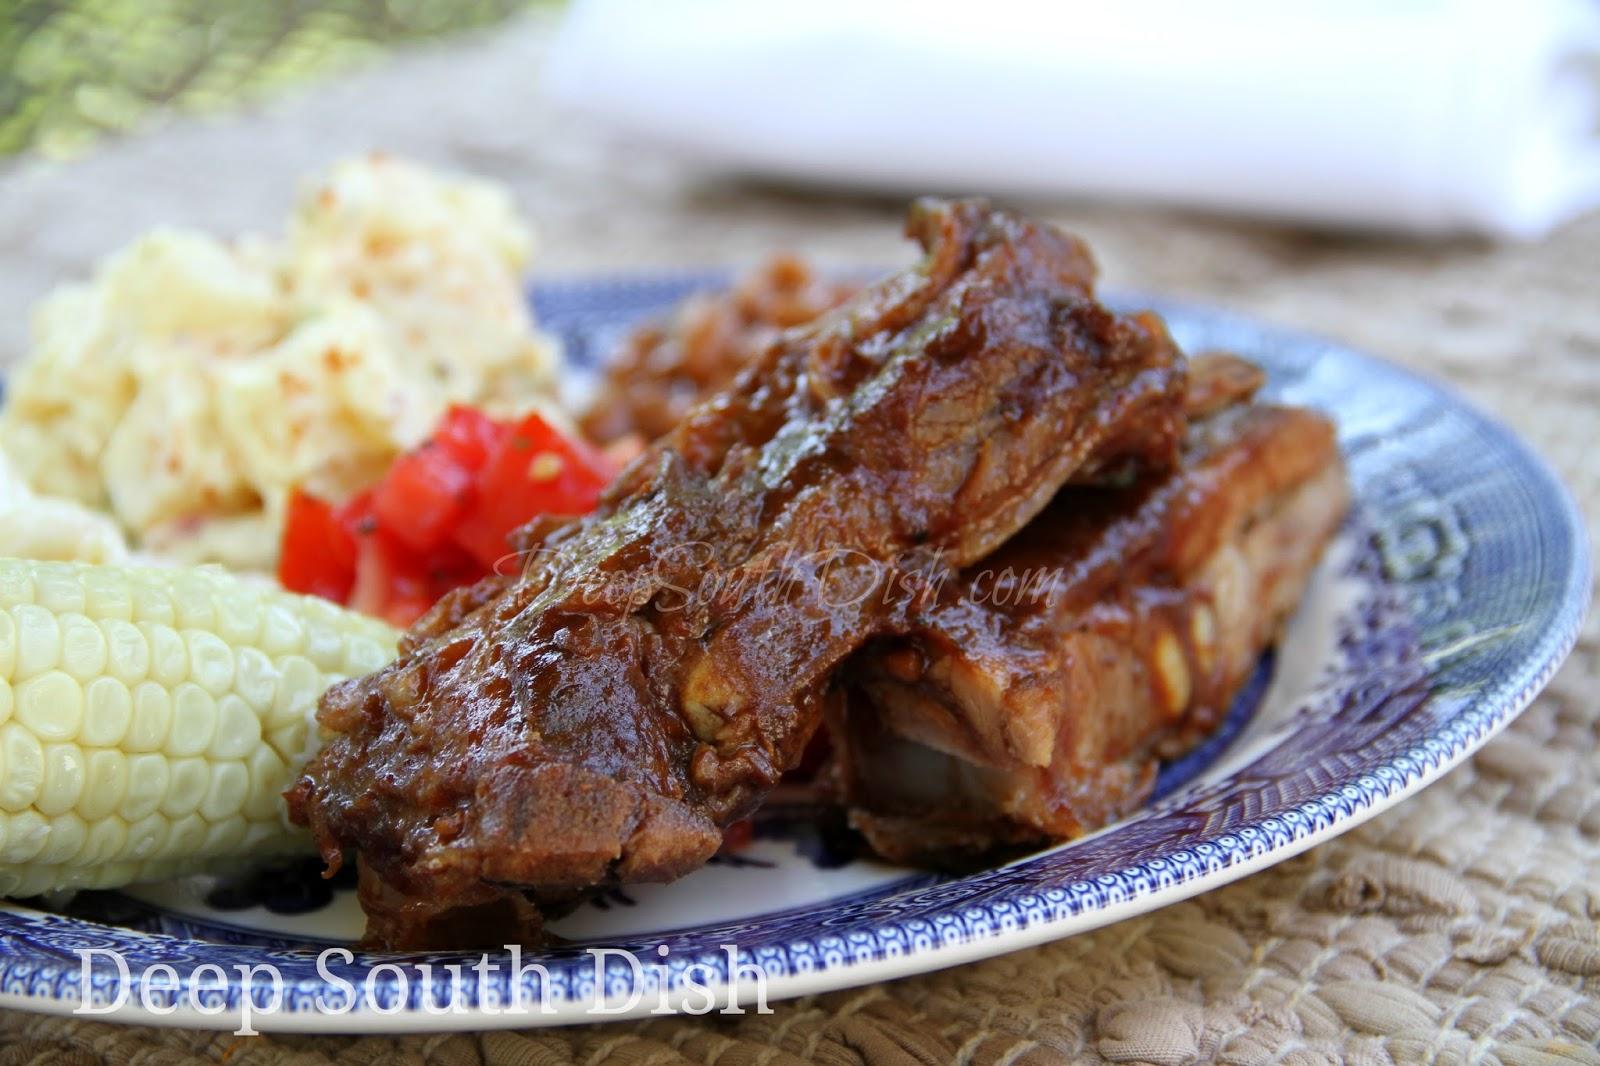 Southern Bbq Pork Spare Ribs Recipe